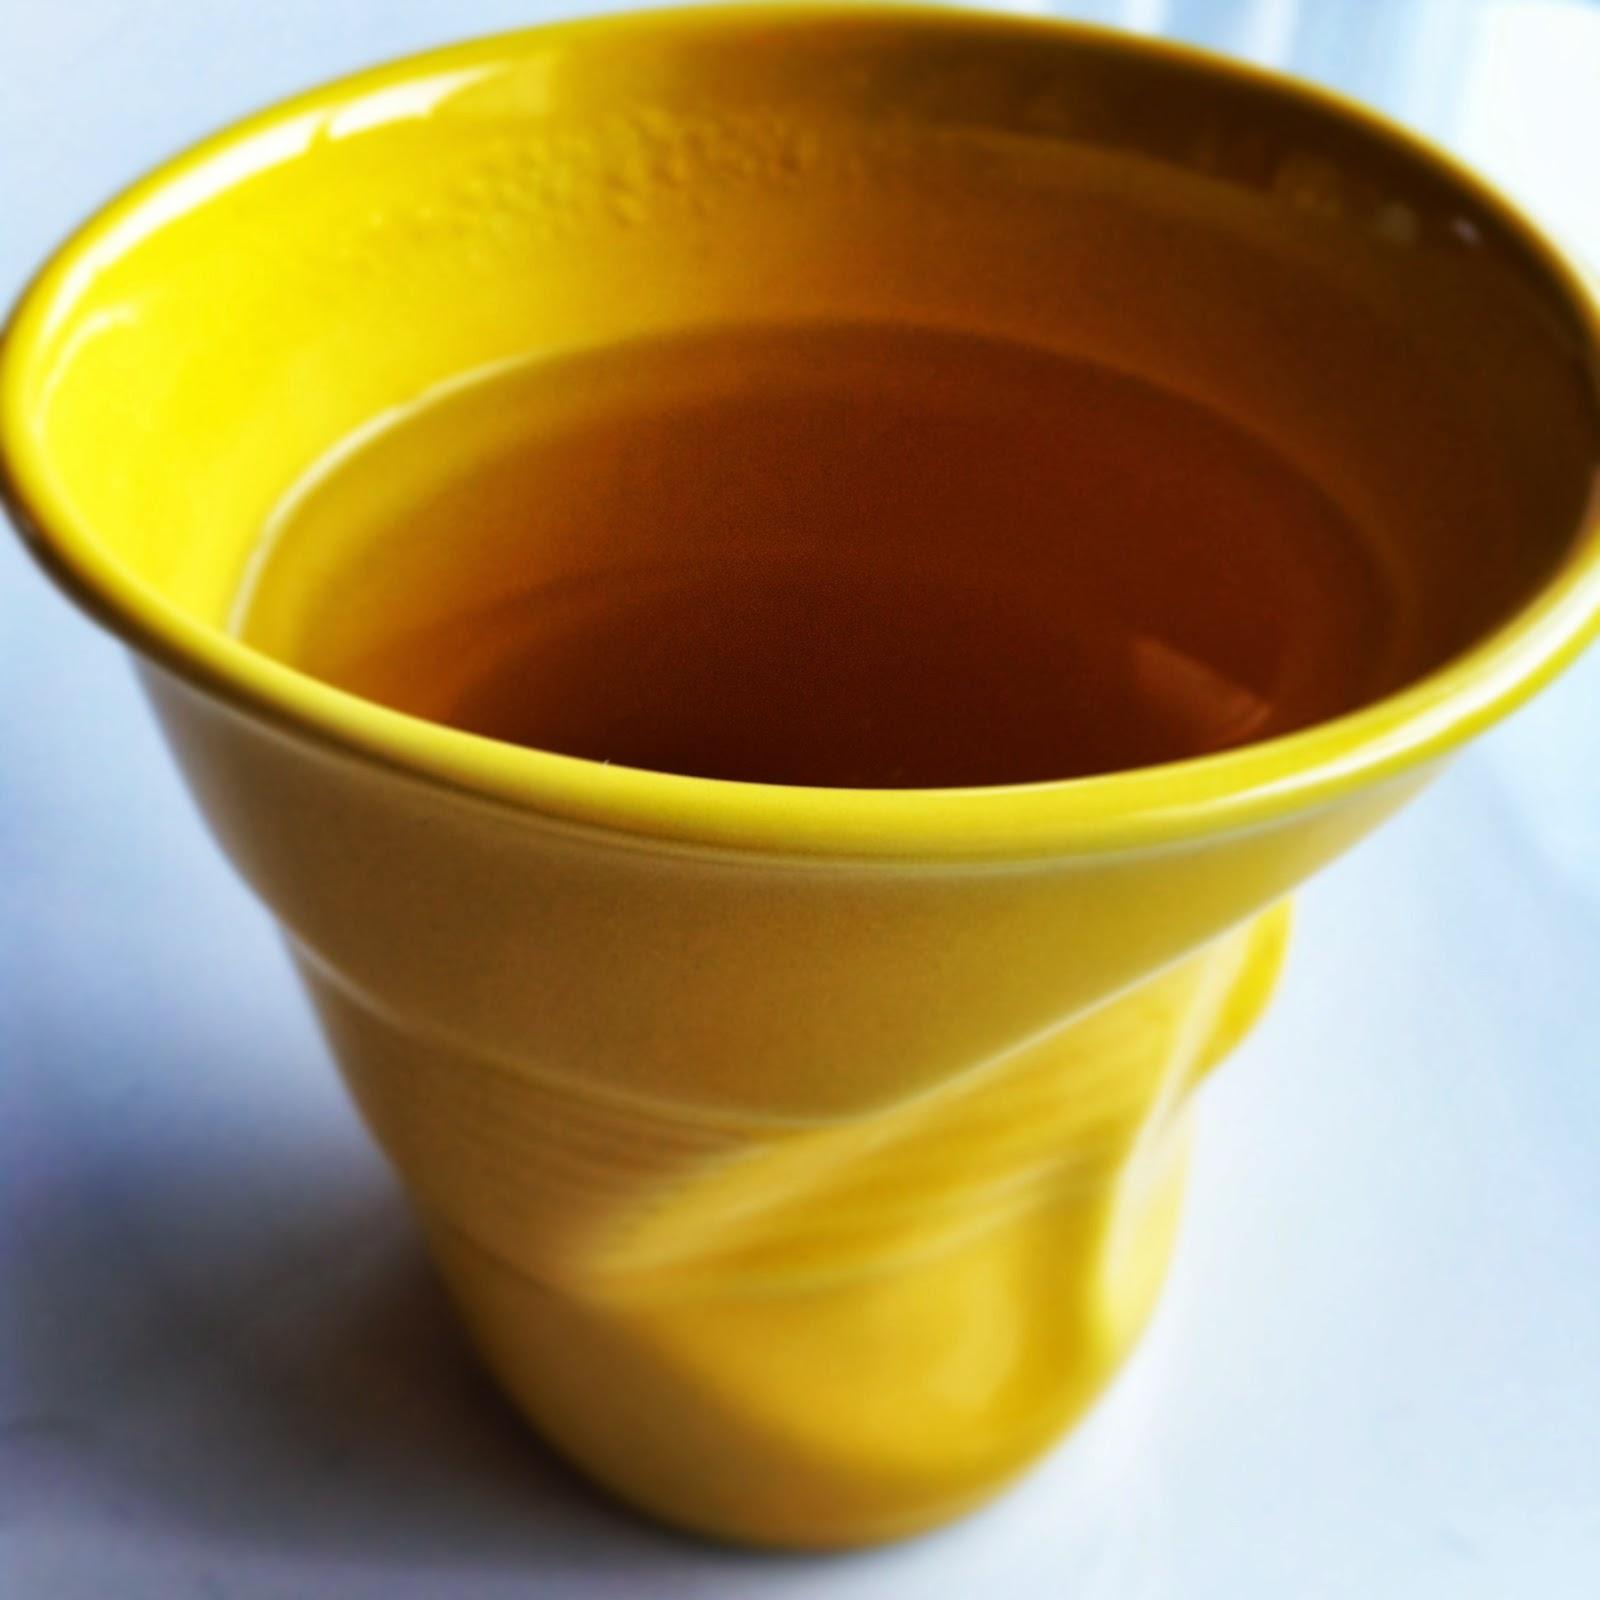 drikke grønn kaffe grønn kaffe premie